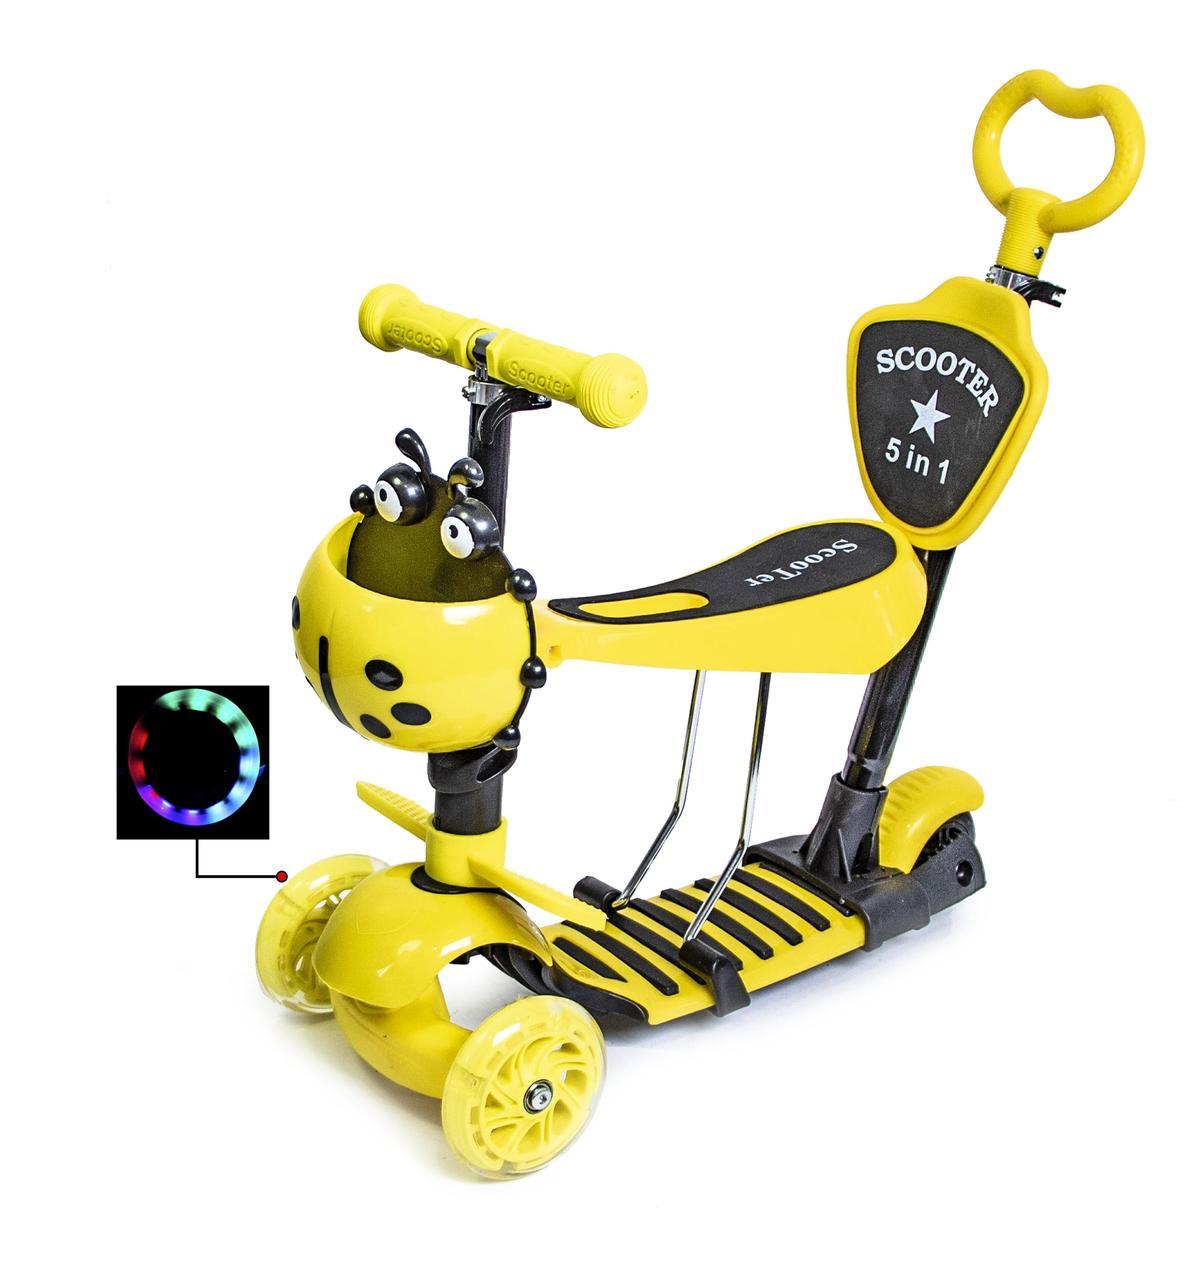 Самокат детский ScooTer 5в1 Божья Коровка с Родительской ручкой и Сиденьем (Желтый) - Самокаты